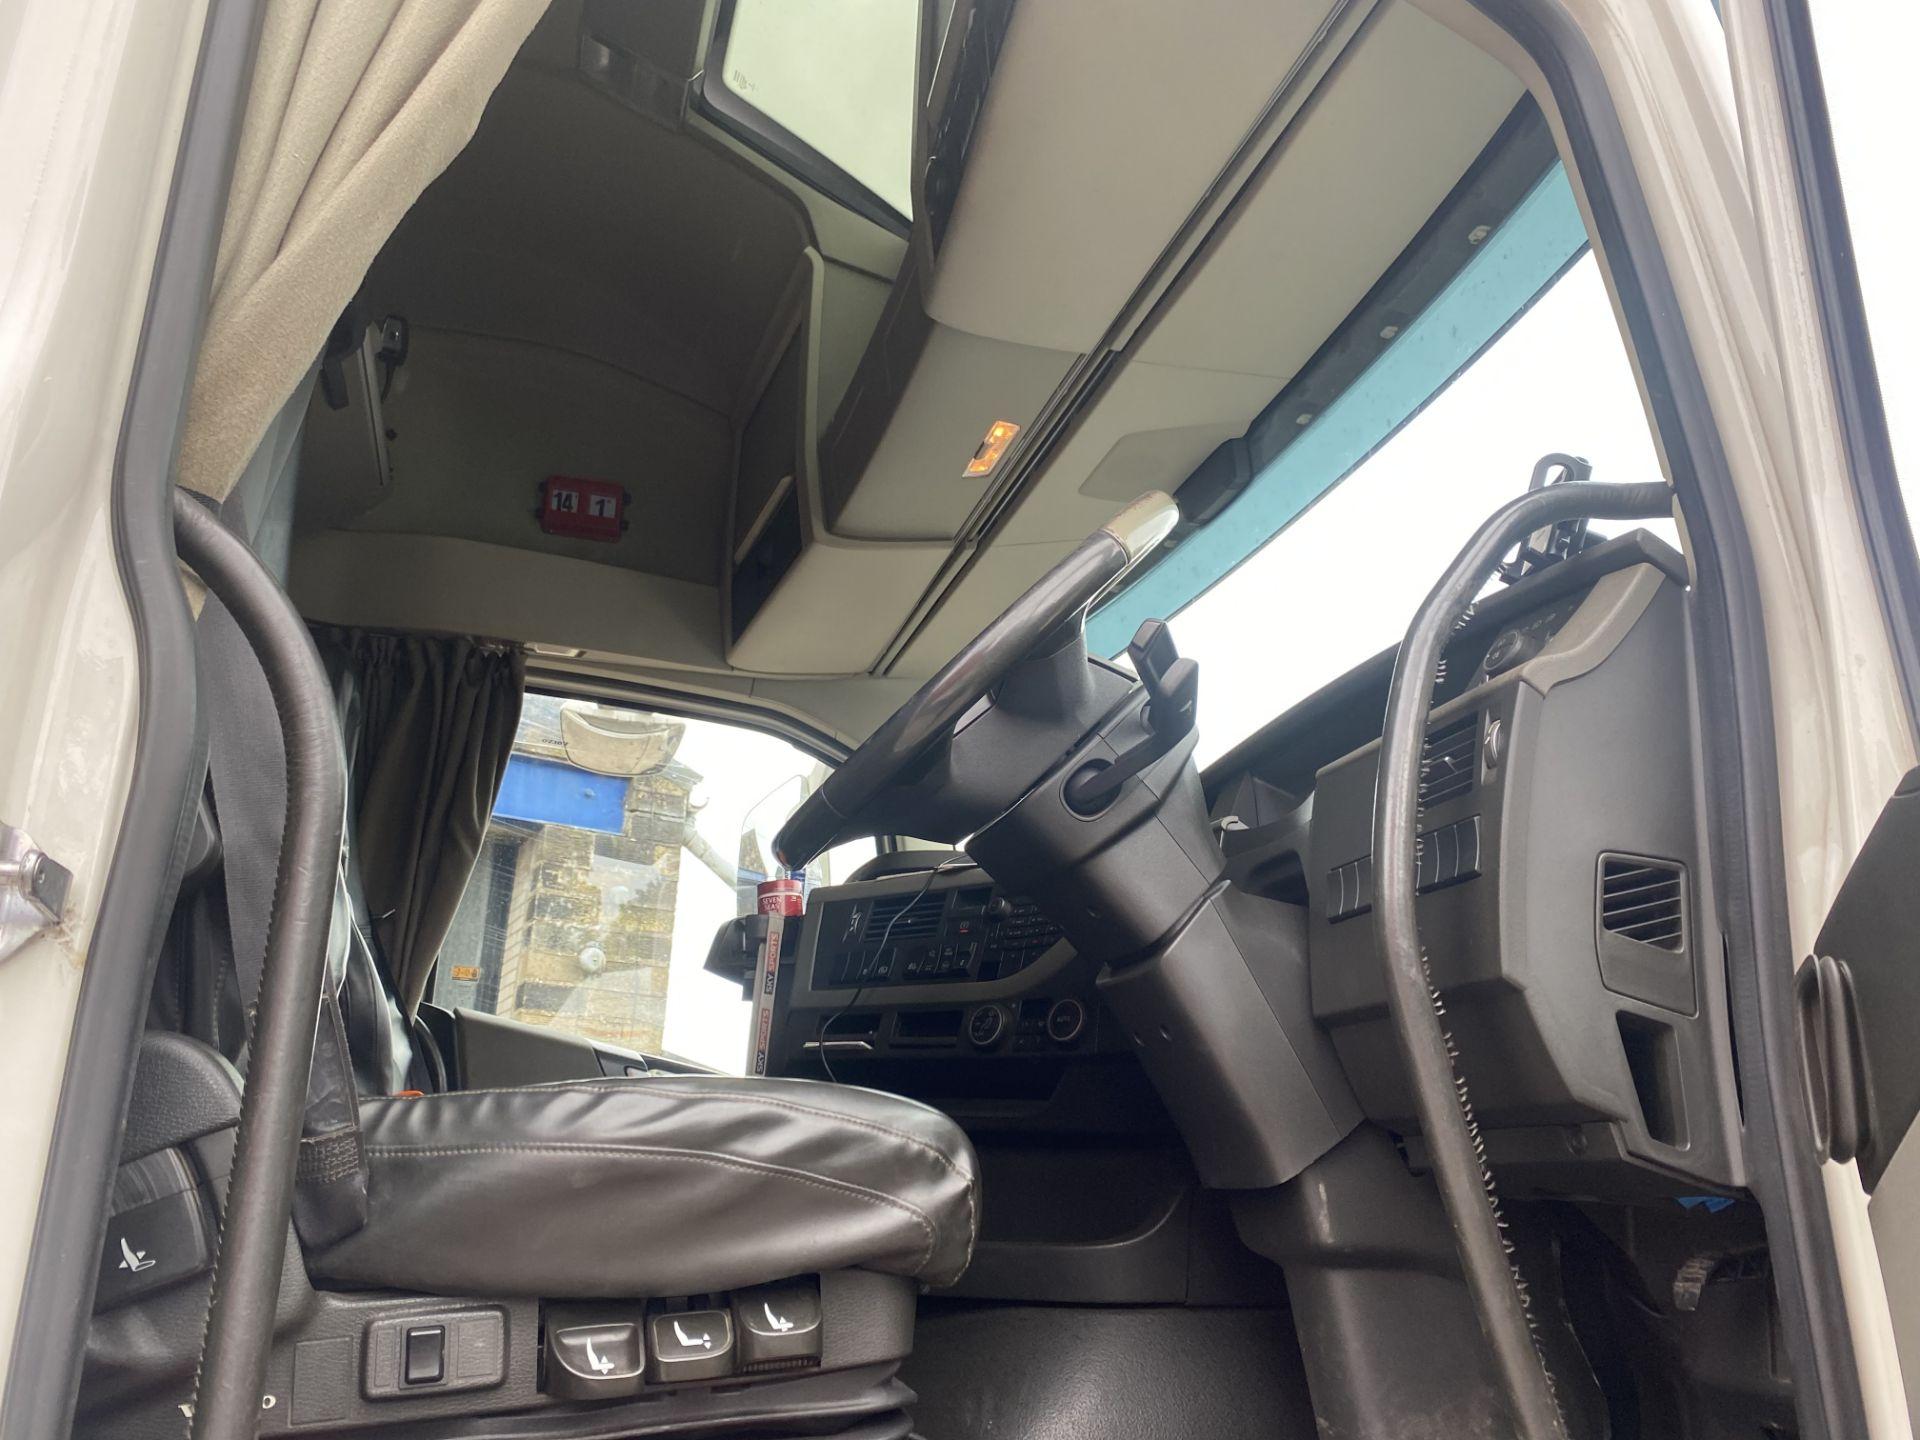 Volvo FH V4 460 GTXL 6X2 TRACTOR UNIT, registration no. V13 JAT, date first registered 01/05/2015, - Image 12 of 17